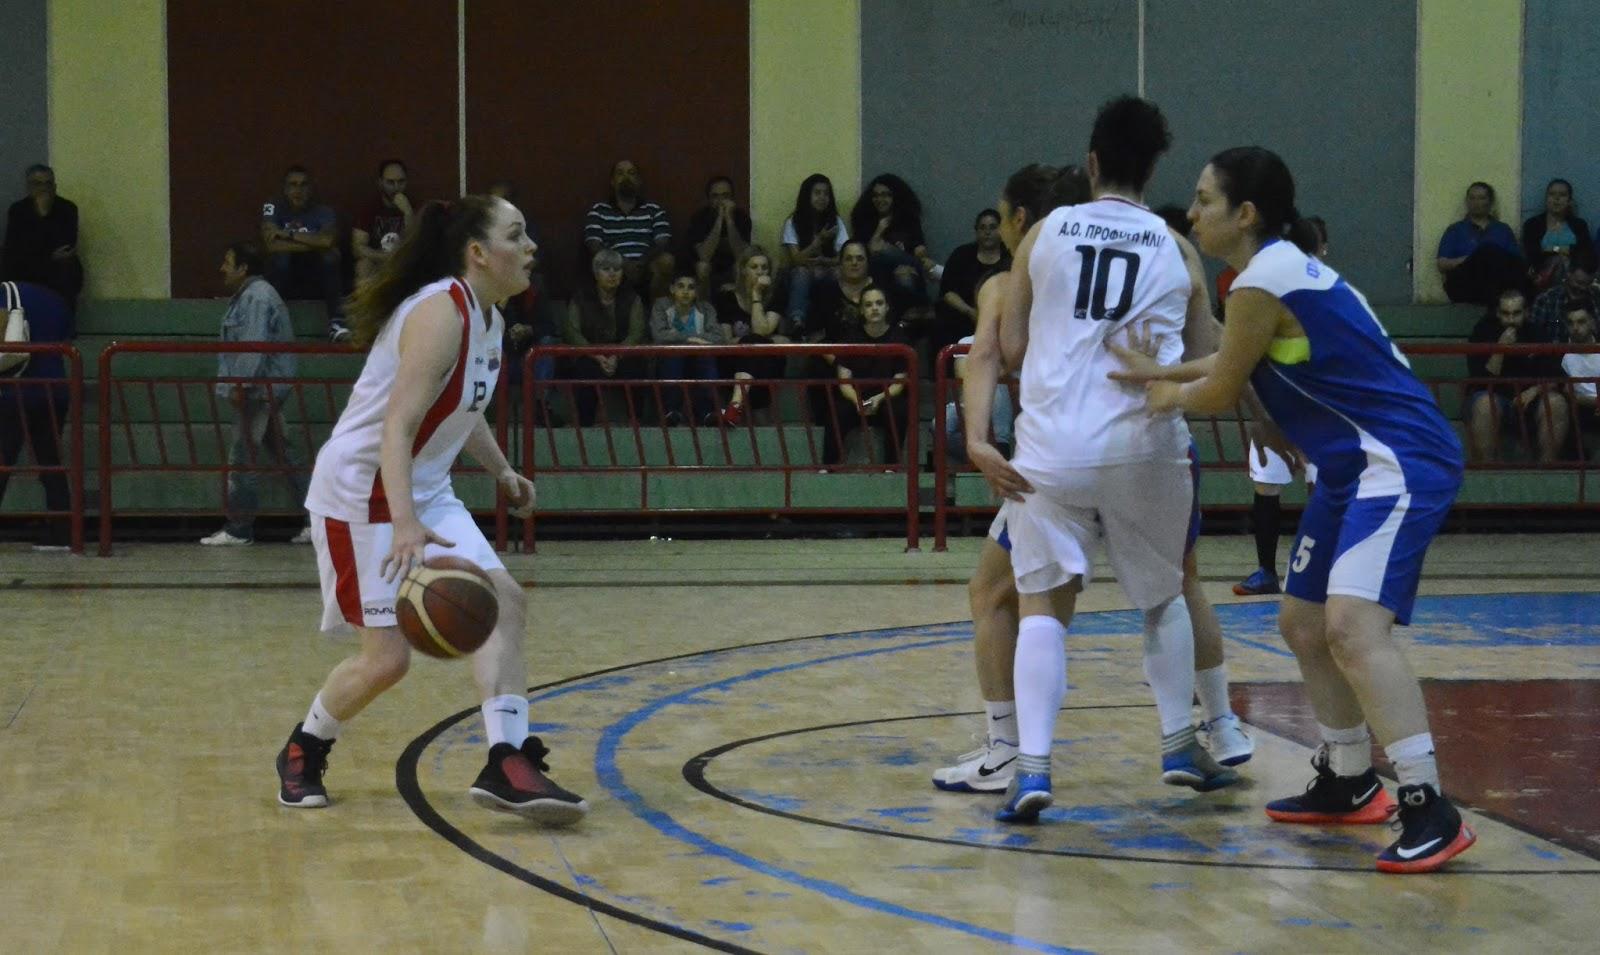 ΓΥΝΑΙΚΕΣ : Στον τελικό των γυναικών ο Προφ. Ηλίας 48-39 τον Φοίνικα Πειρ. και 2-1